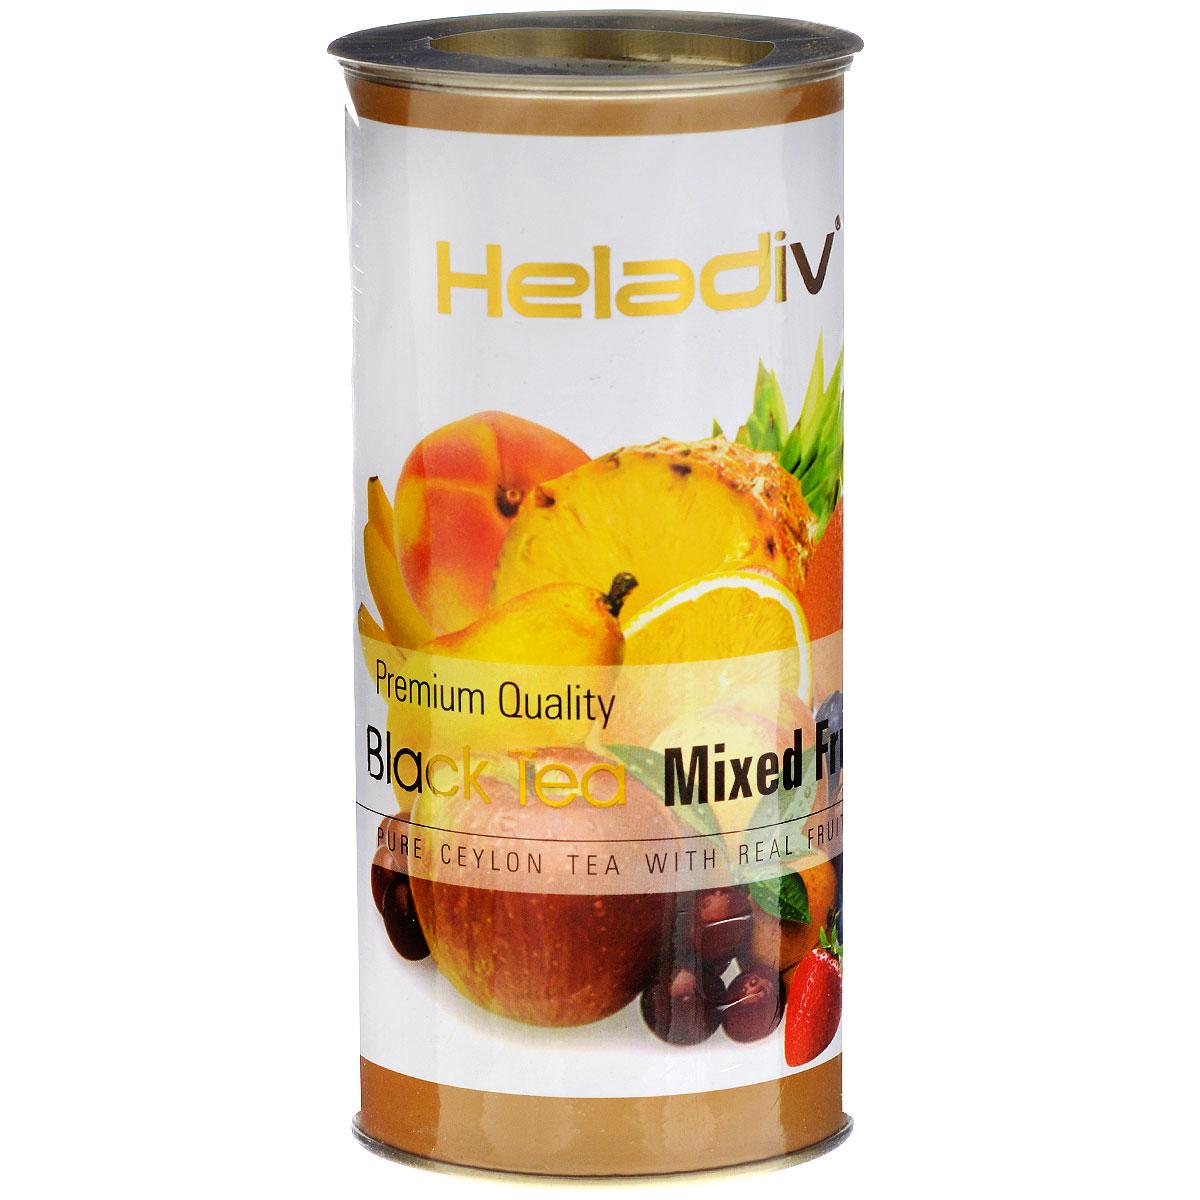 Heladiv Mixed Fruit черный фруктовый чай, 100 г4791007004936Heladiv Mixed Fruit - настоящий цейлонский черный чай с натуральным ароматизатором фруктовый микс.